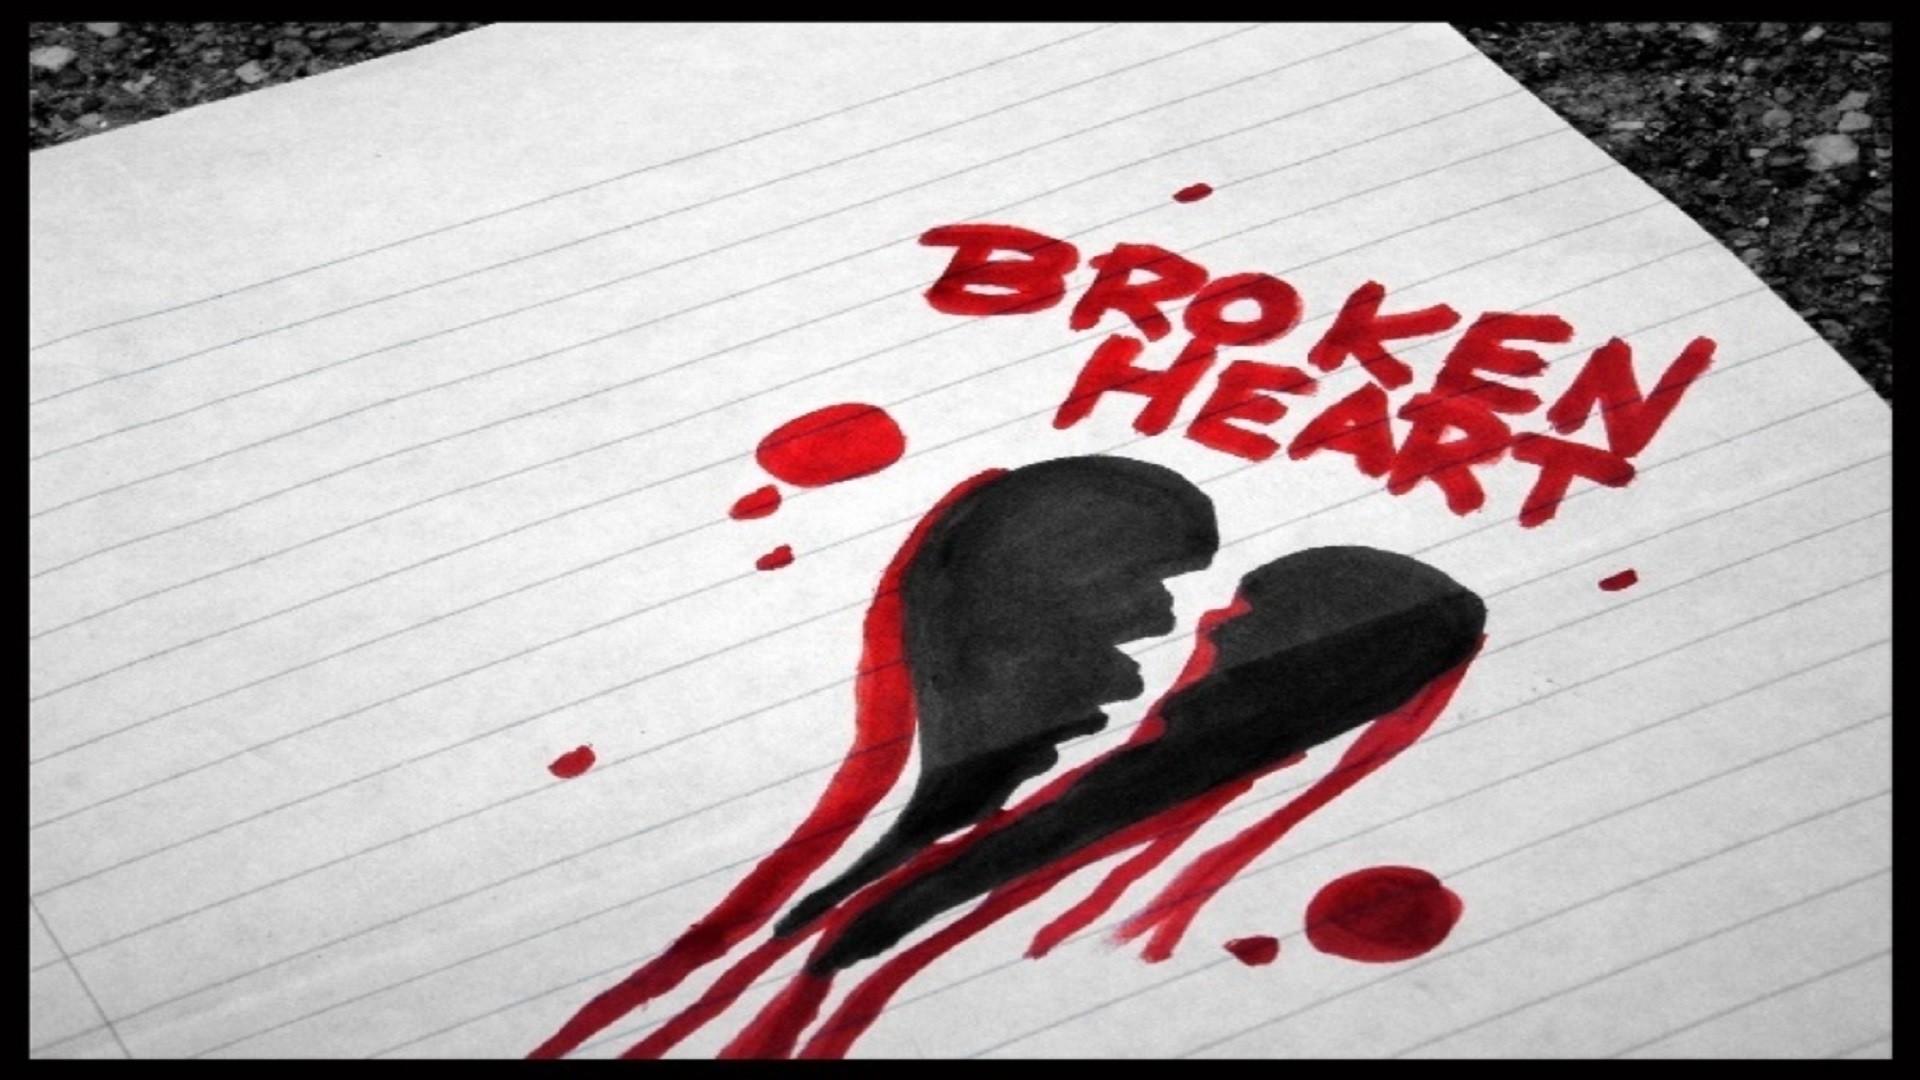 Broken Heart Quotes Wallpapers For Mobile Broken Heart Wallpapers 183 ①